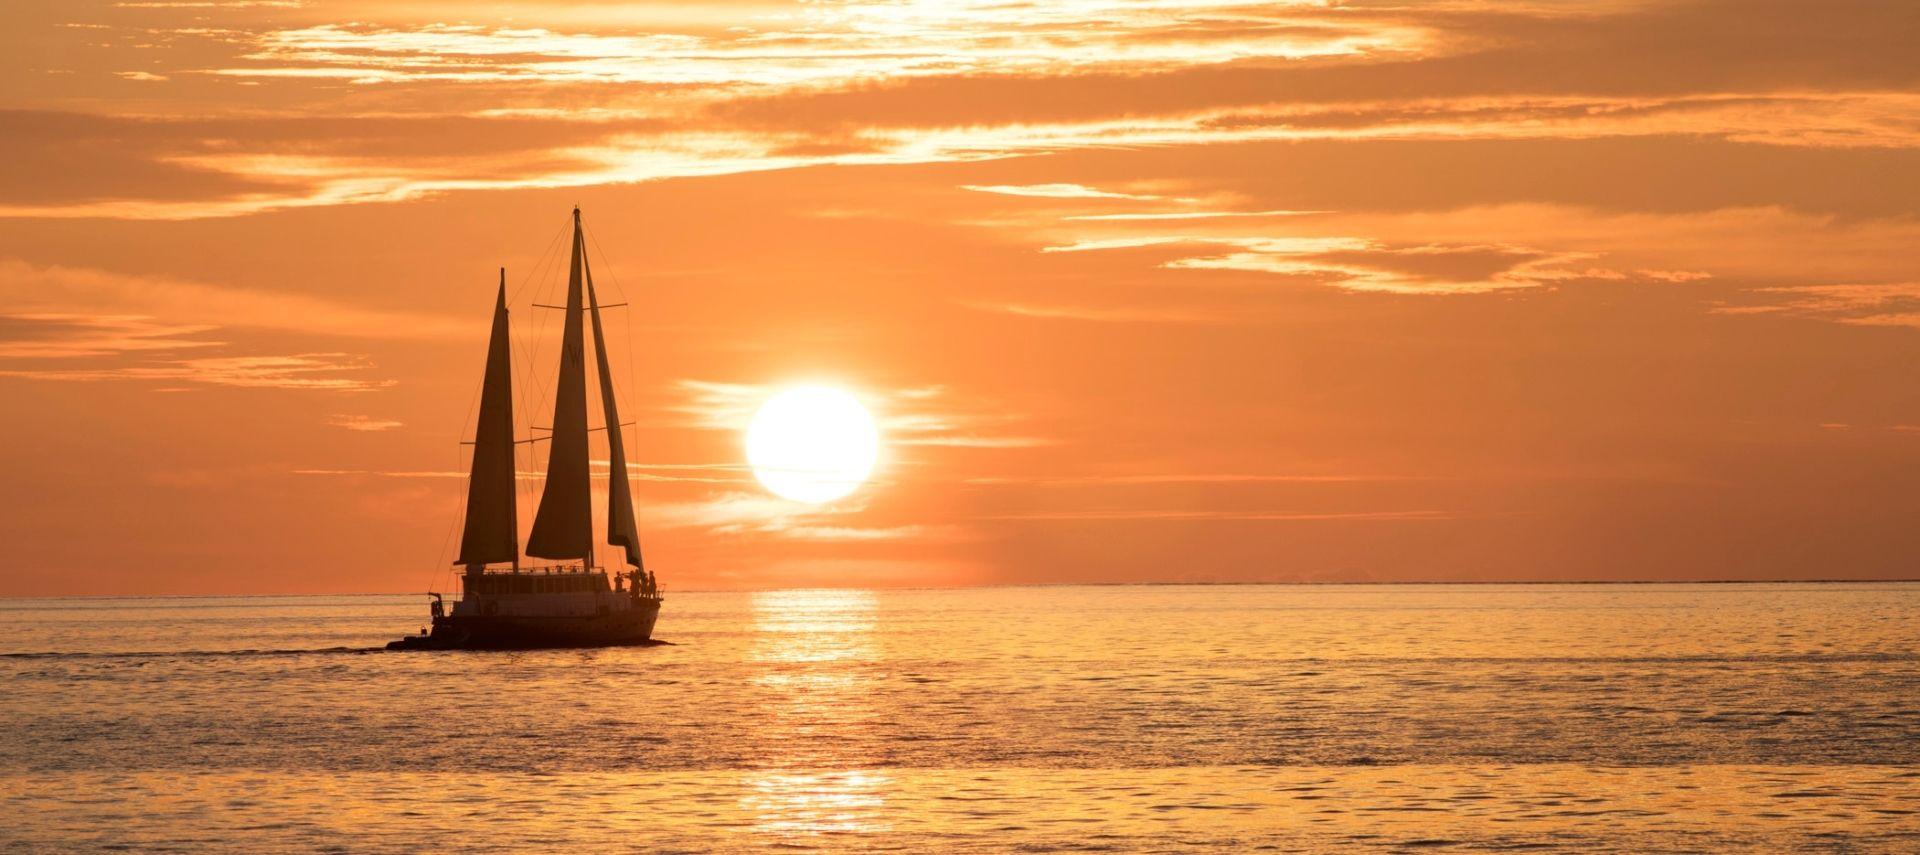 ESCAPE yacht sunset